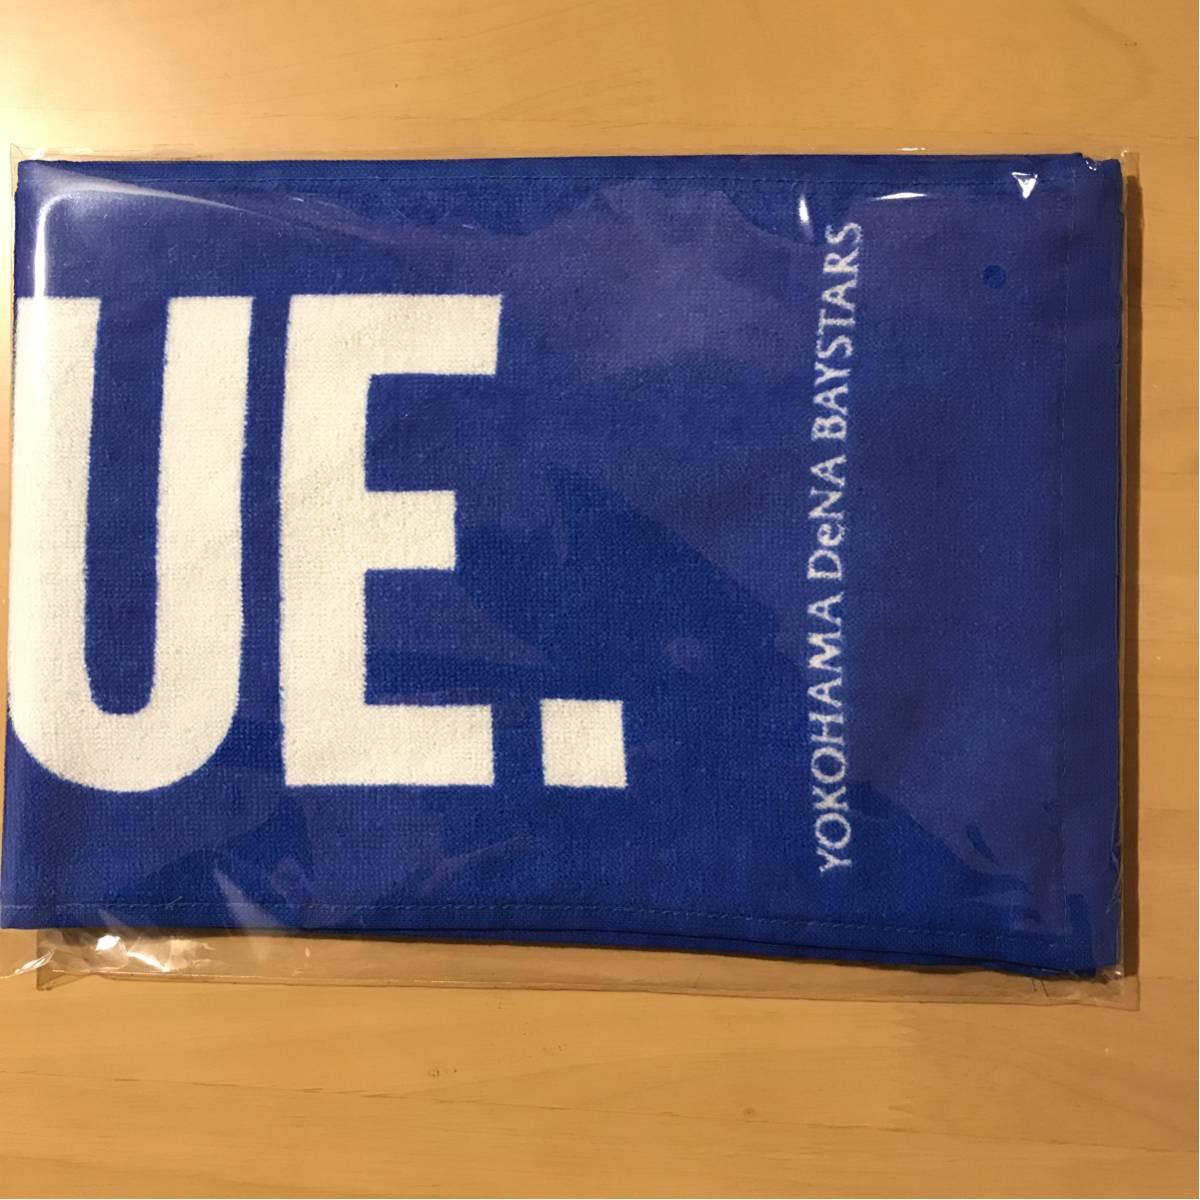 ★非売品★横浜DeNAベイスターズ・日本シリーズ・タオル&クリアファイル_画像2